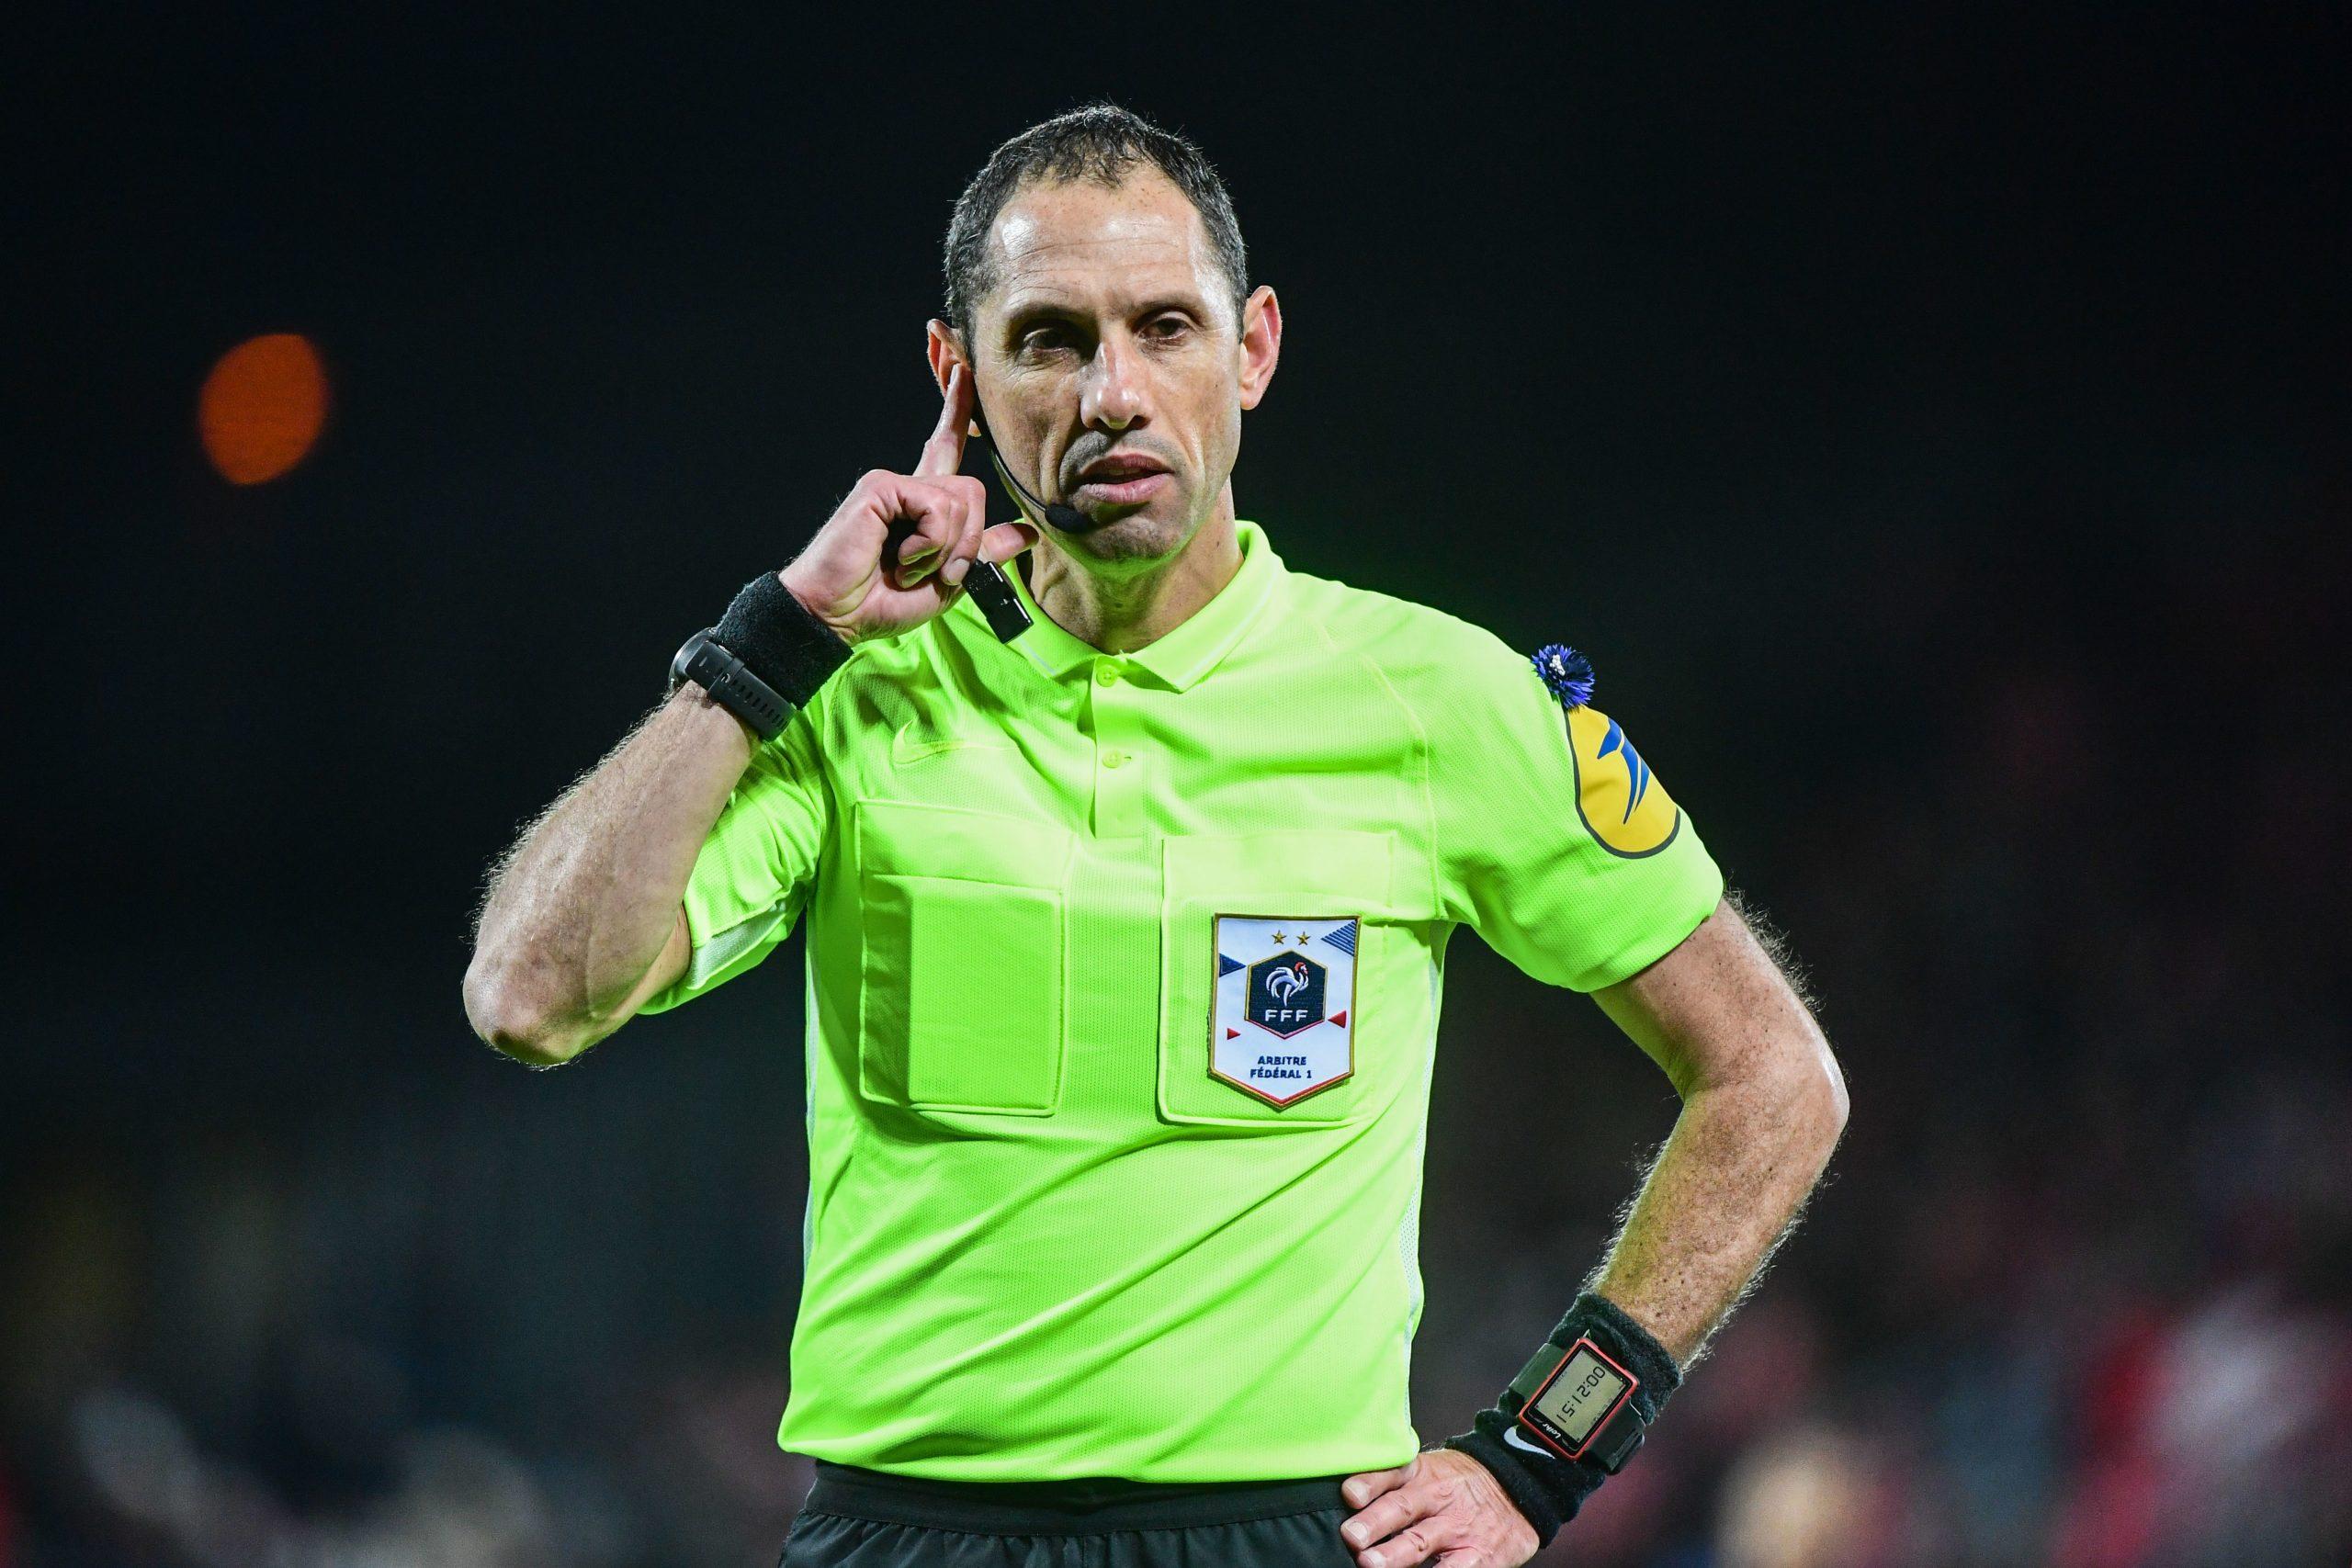 PSG/Metz - L'arbitre de la rencontre a été désigné : un habitué des cartons, pas des penaltys